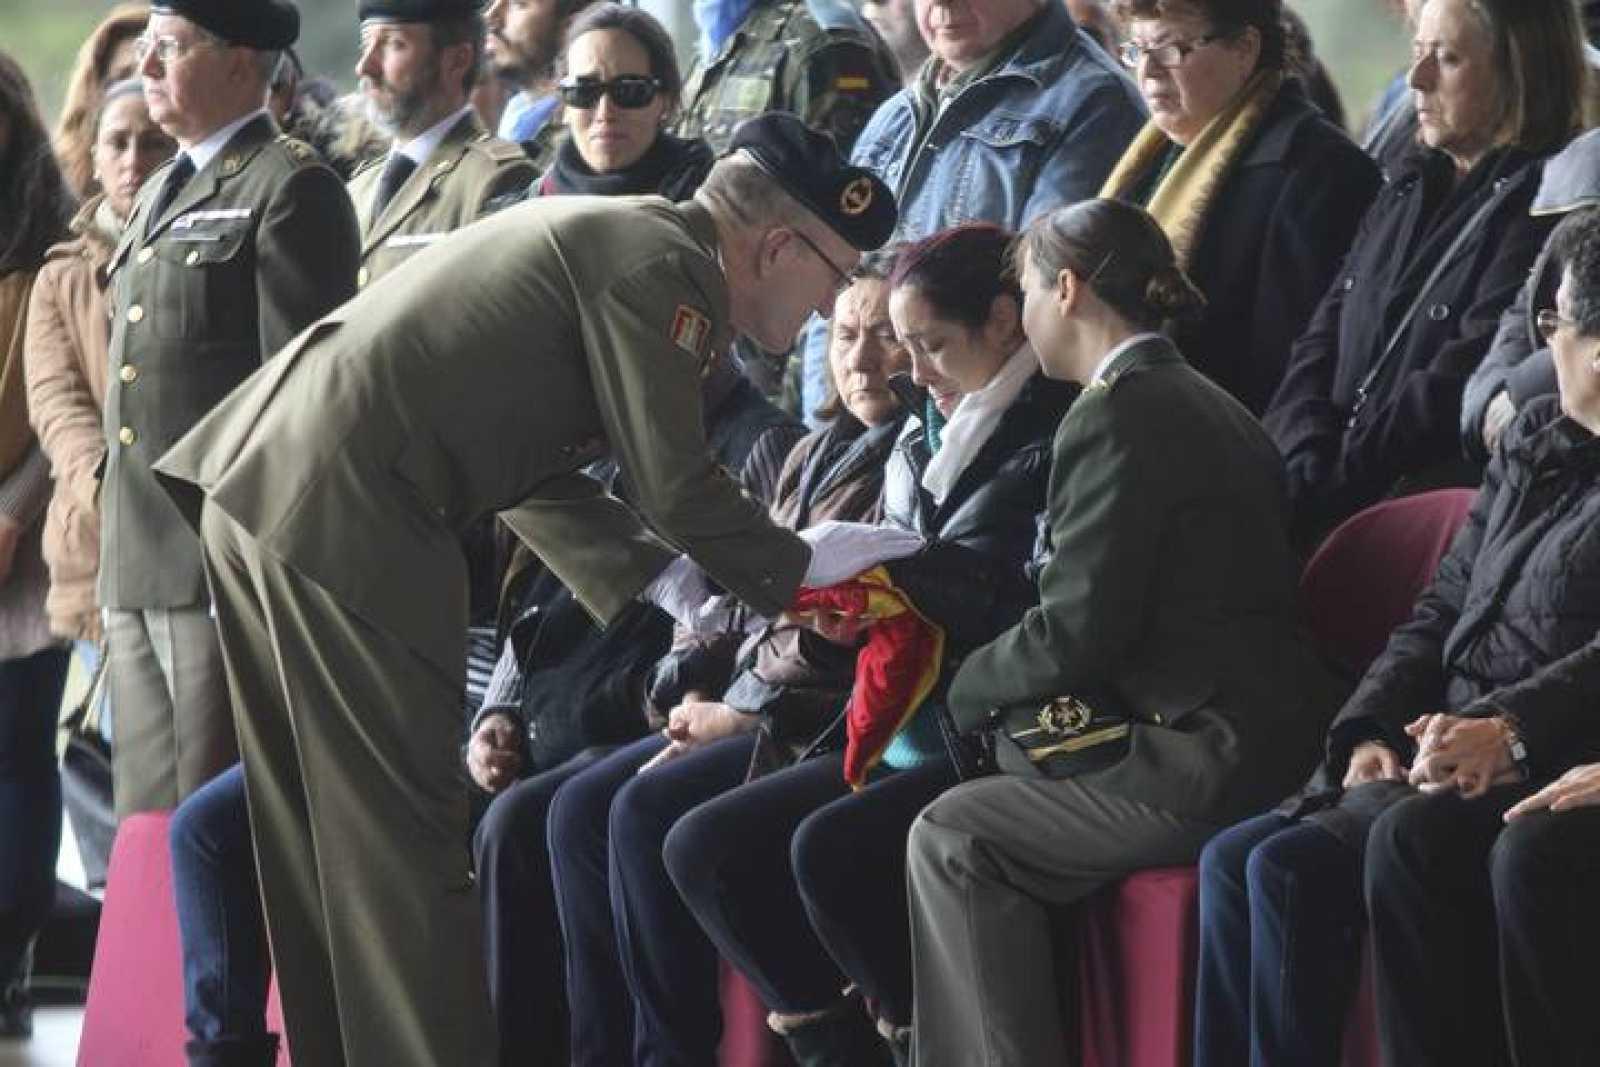 El teniente coronal Colomer entrega la bandera a la viuda del casco azul fallecido